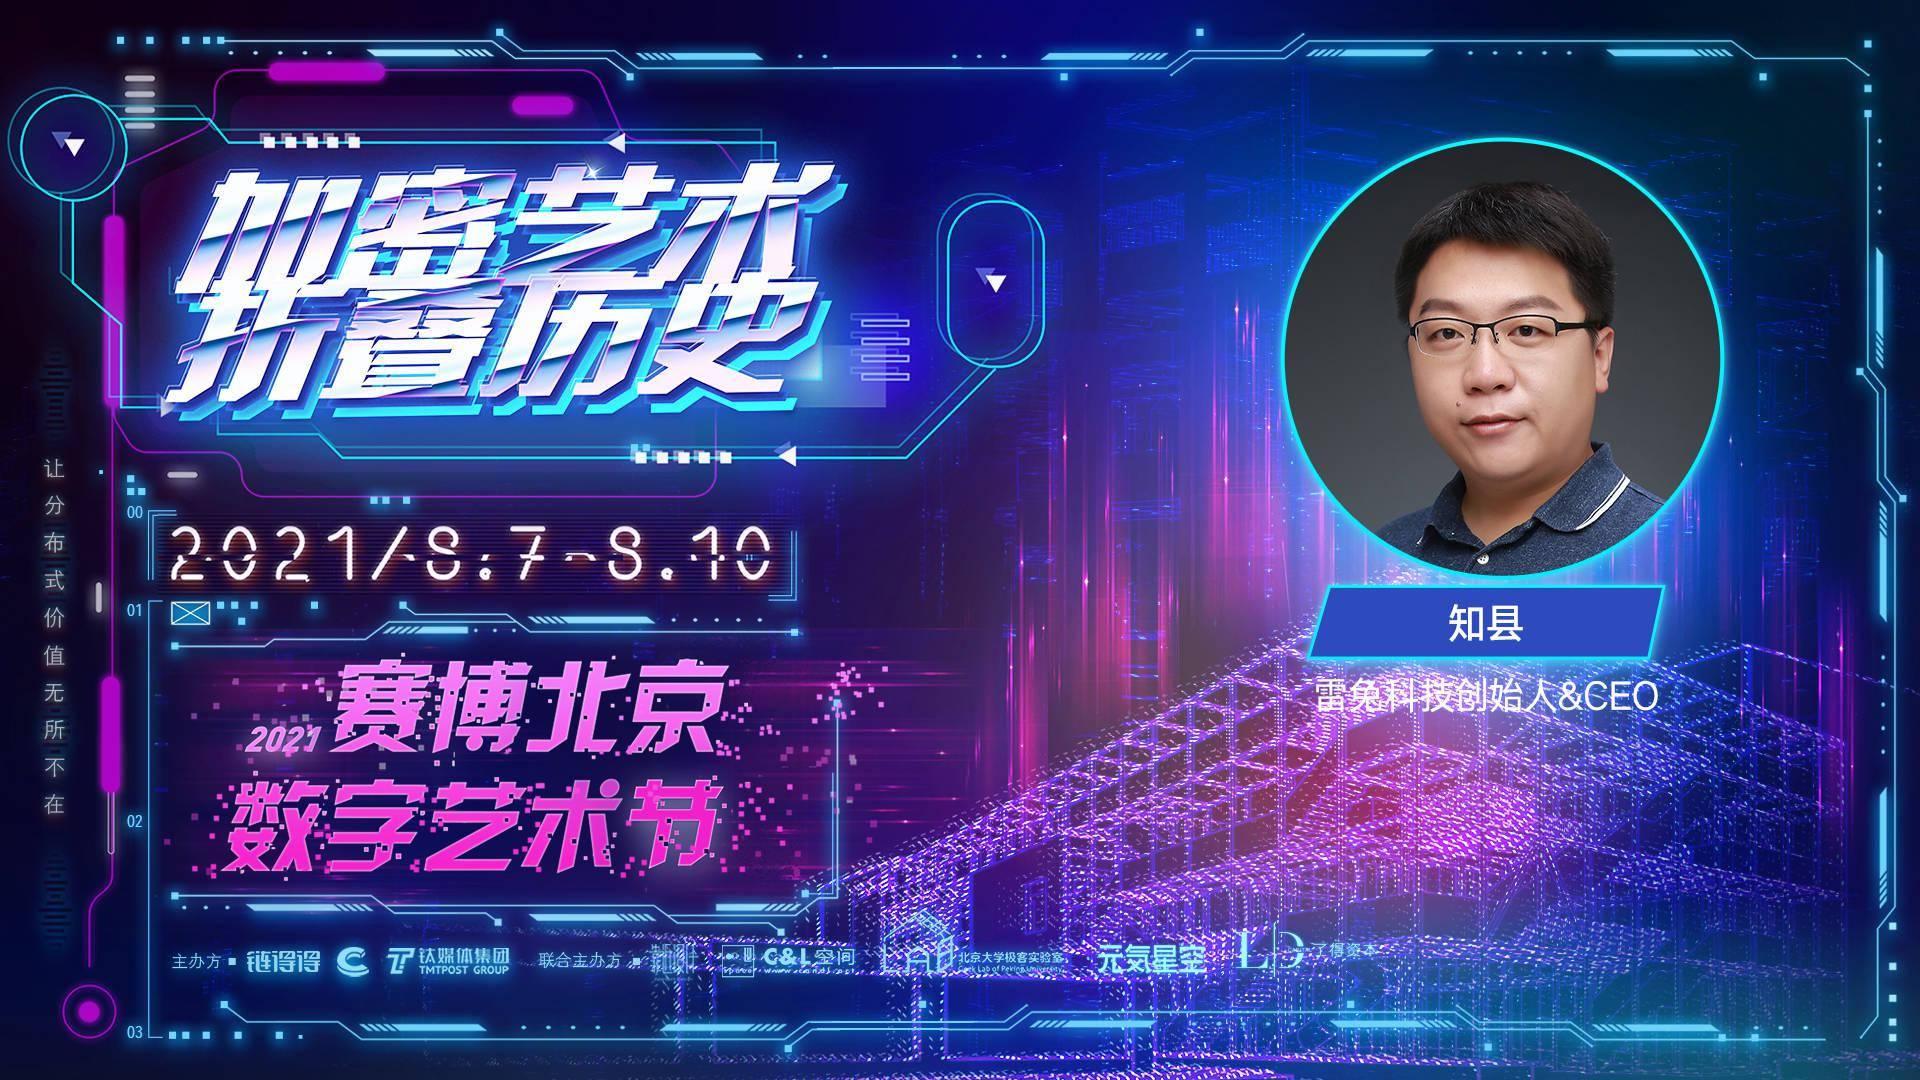 雷兔科技创始人知县:NFT的变革在于,给数字世界用户带来唯一性| 2021赛博北京·数字艺术节